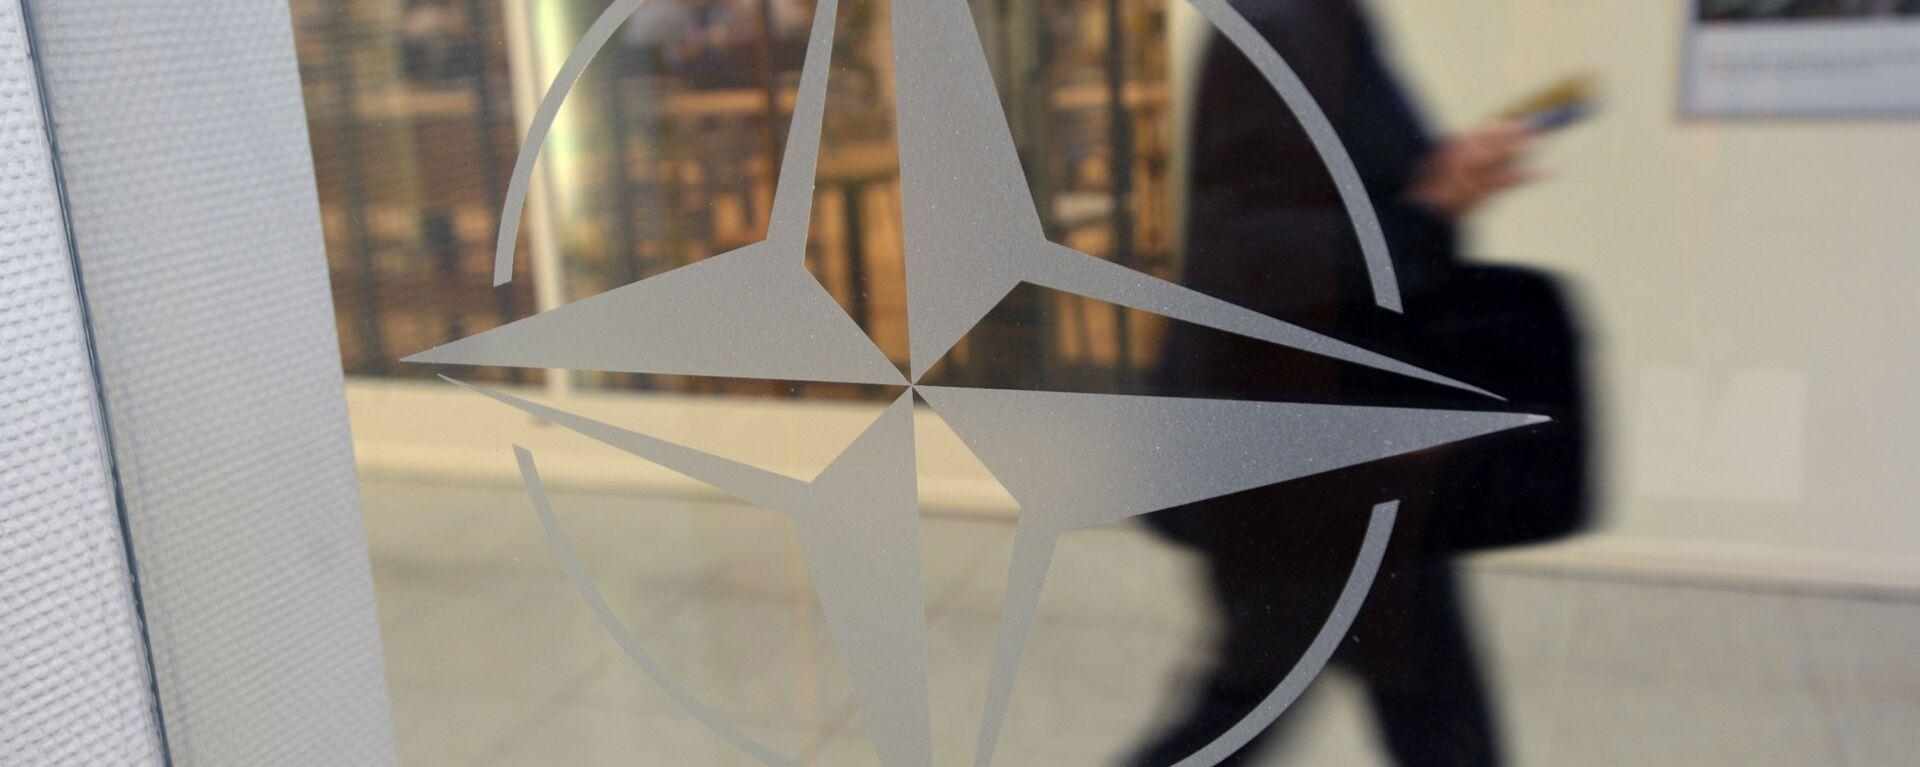 НАТО - Sputnik Латвия, 1920, 14.06.2021